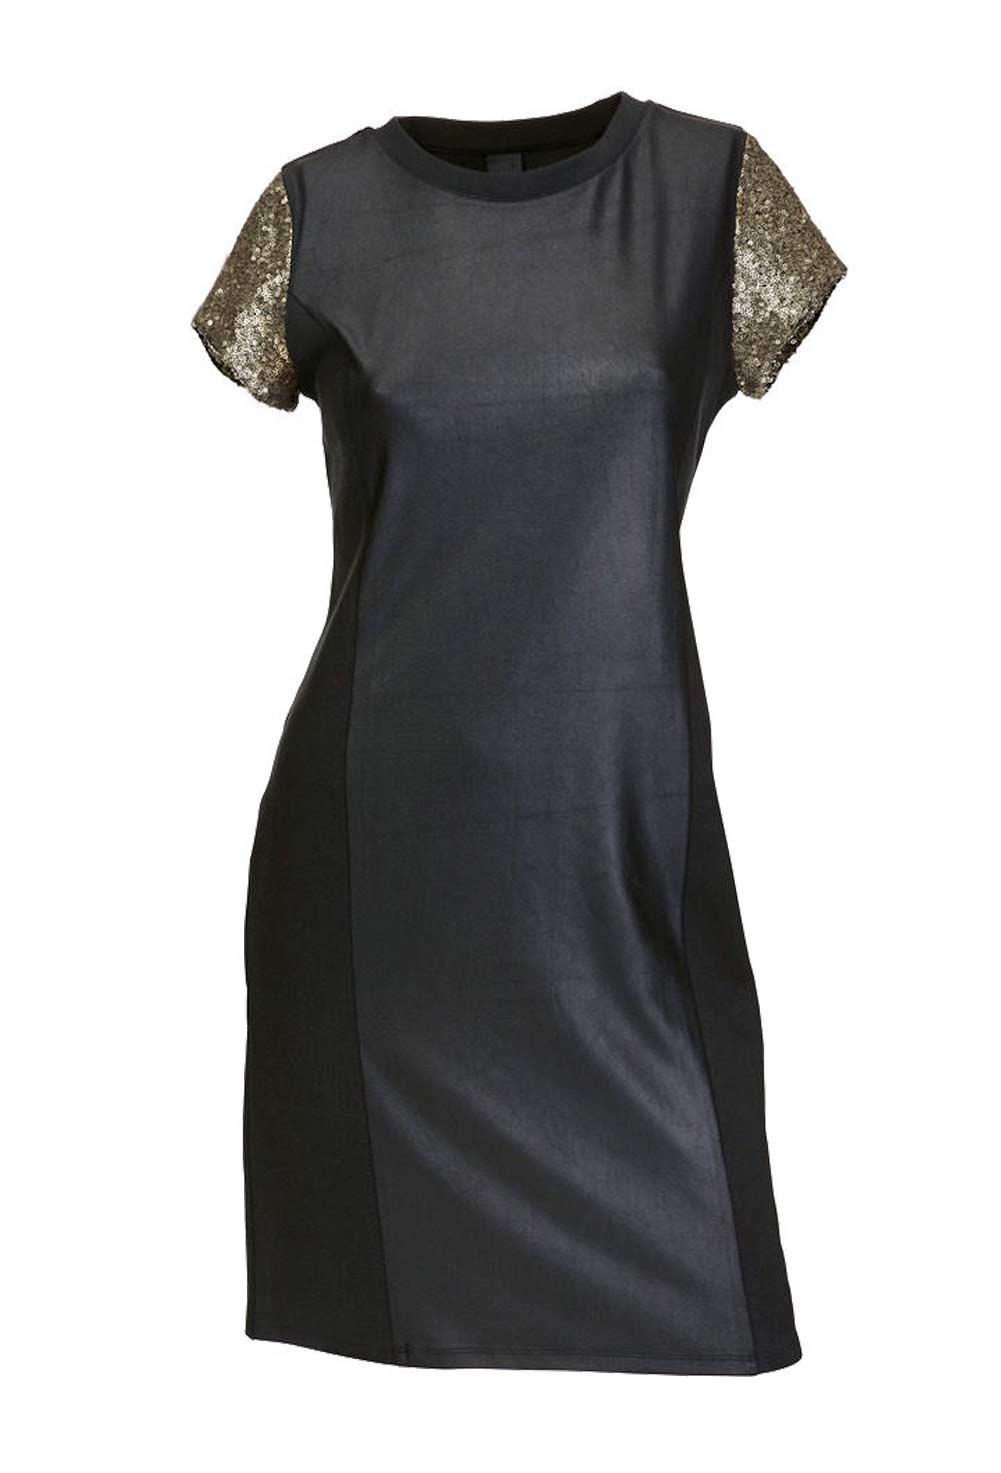 business kleider für damen HEINE Damen Designer-Etuikleid m. Pailletten Schwarz-Gold 122.380 Missforty